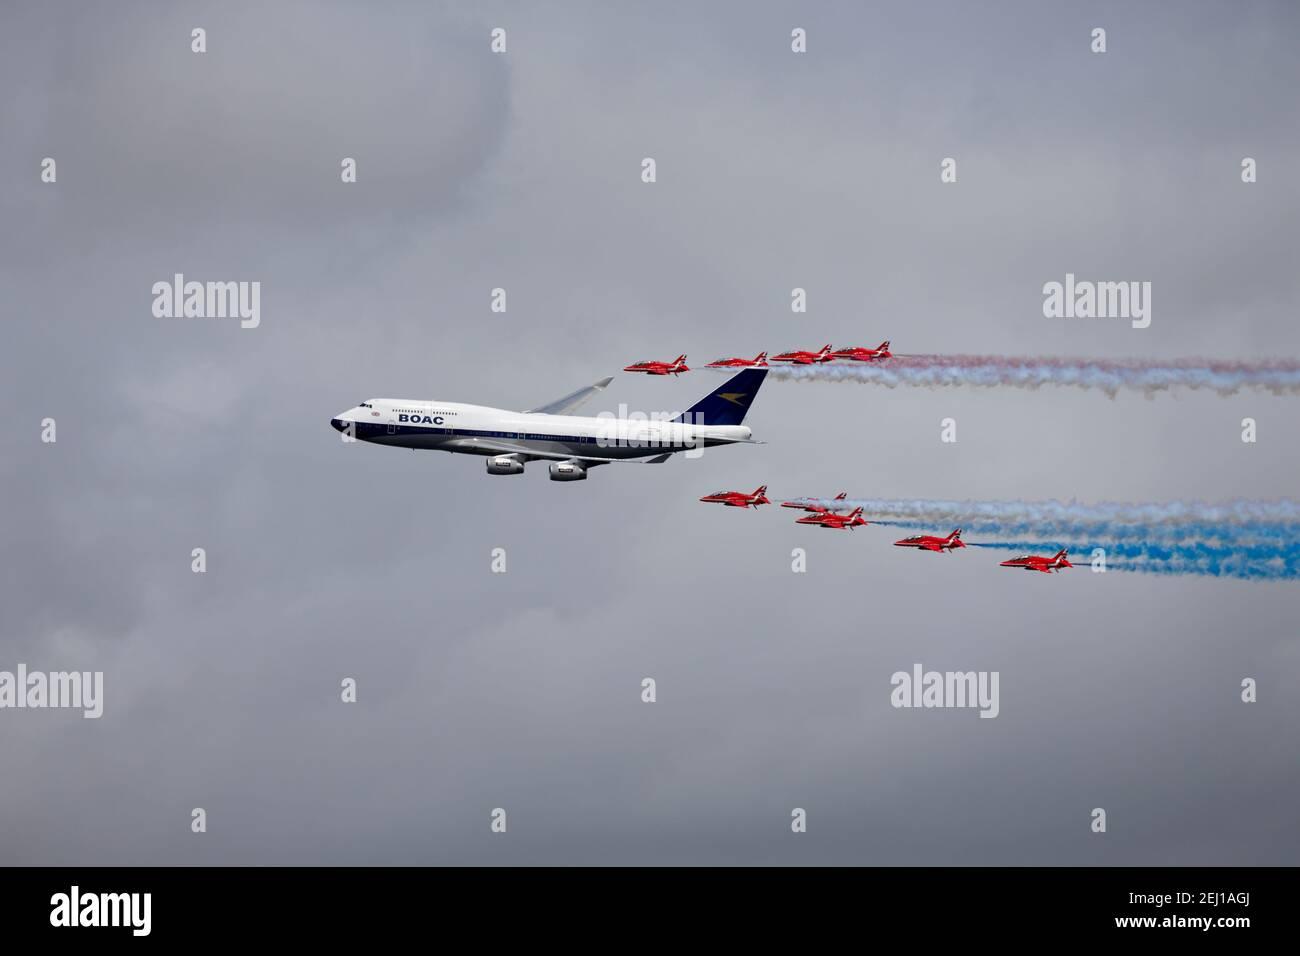 RAF Fairford, Gloucestershire, Reino Unido - Julio de 20 2019: Un Boeing 747- 400 de British Airways con las flechas rojas en el Riat 2019 Foto de stock